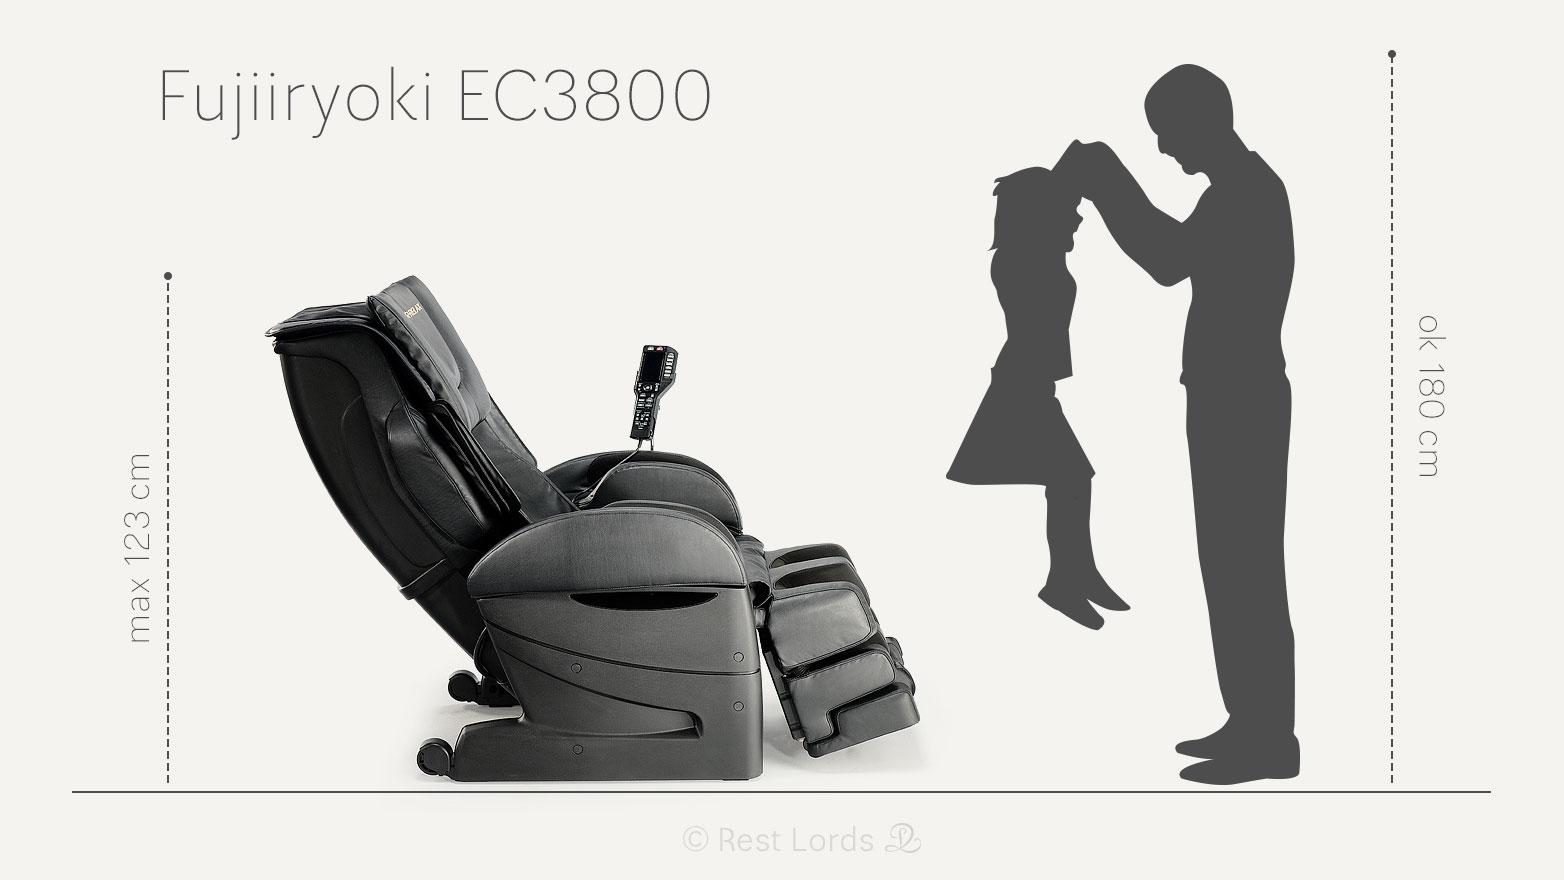 Fujiiryoki EC3800 w liczbach